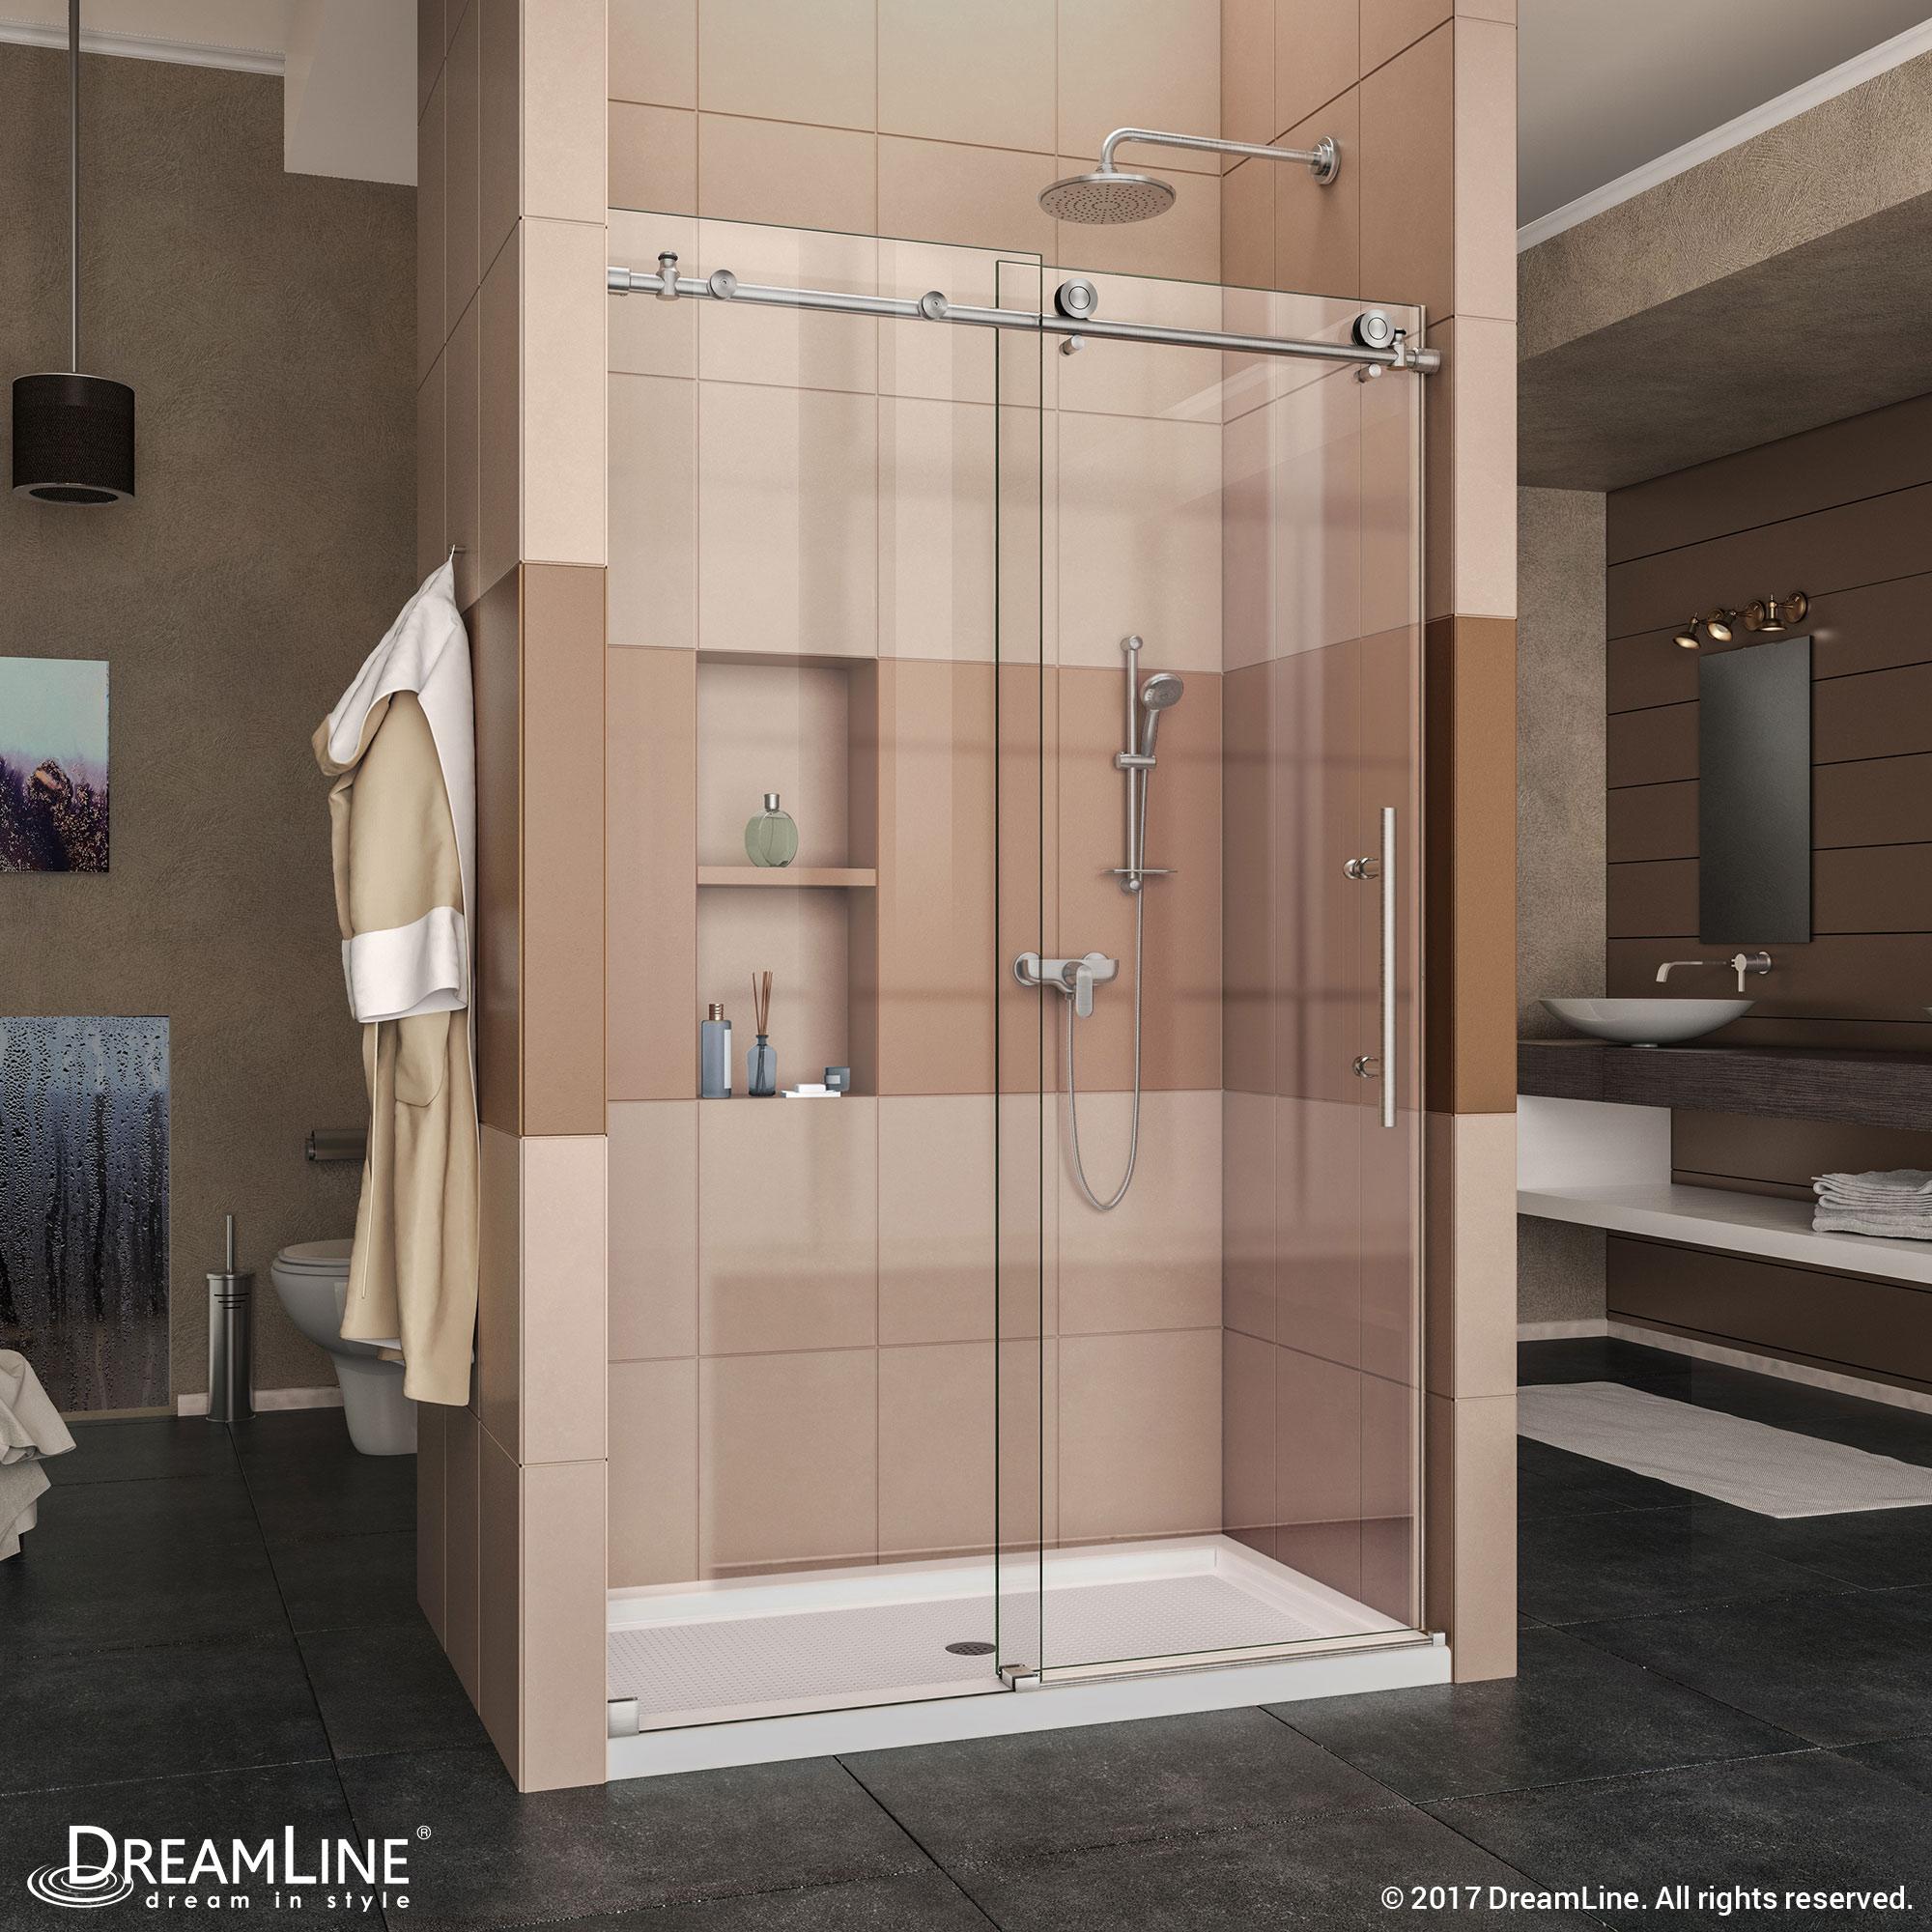 Enigma-X Sliding Shower Door & Base (34 - 36 in.) - ACTT Kitchen & Bath